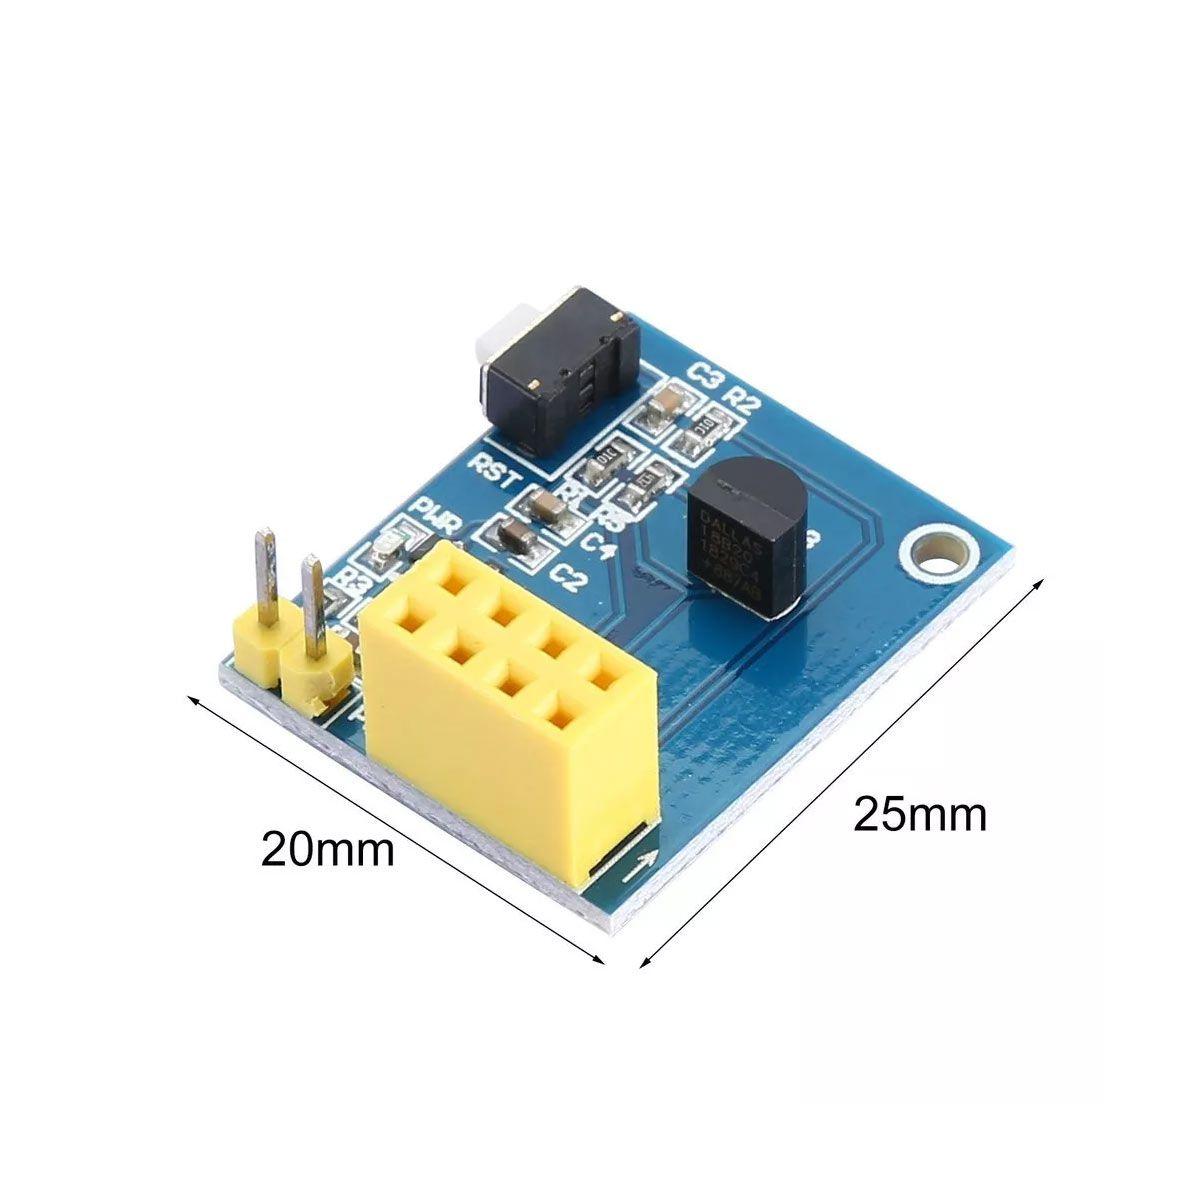 Shield Sensor De Temperatura Ds18b20 para Esp8266 Esp-01 Esp-01s